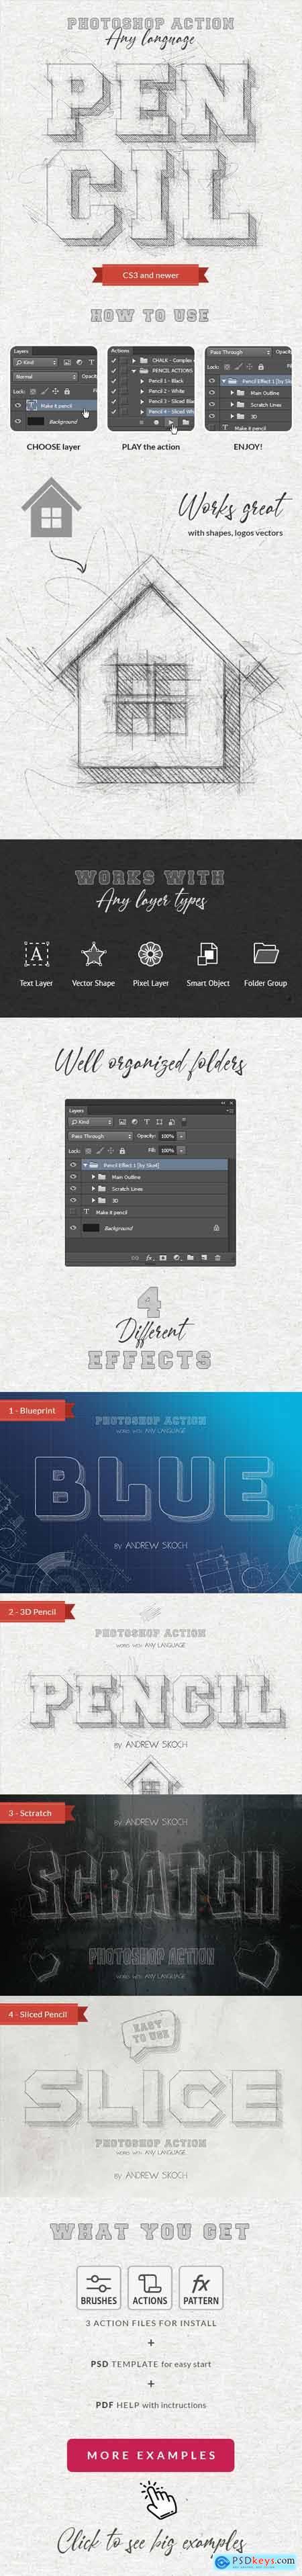 Pencil Sketch - Photoshop Action 25488367